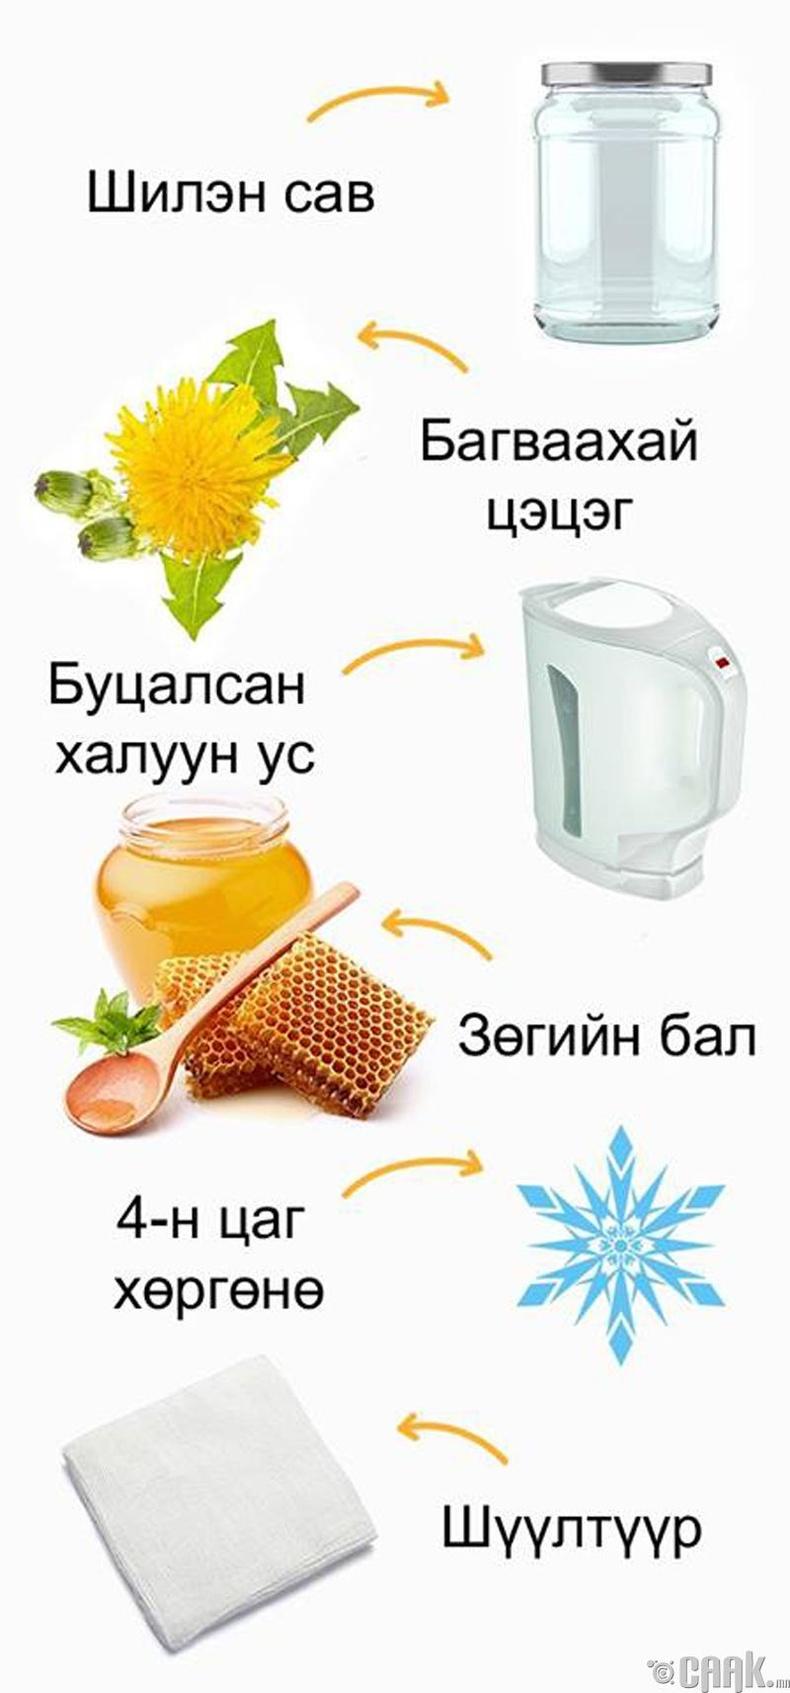 Багваахай цэцэгтэй цай